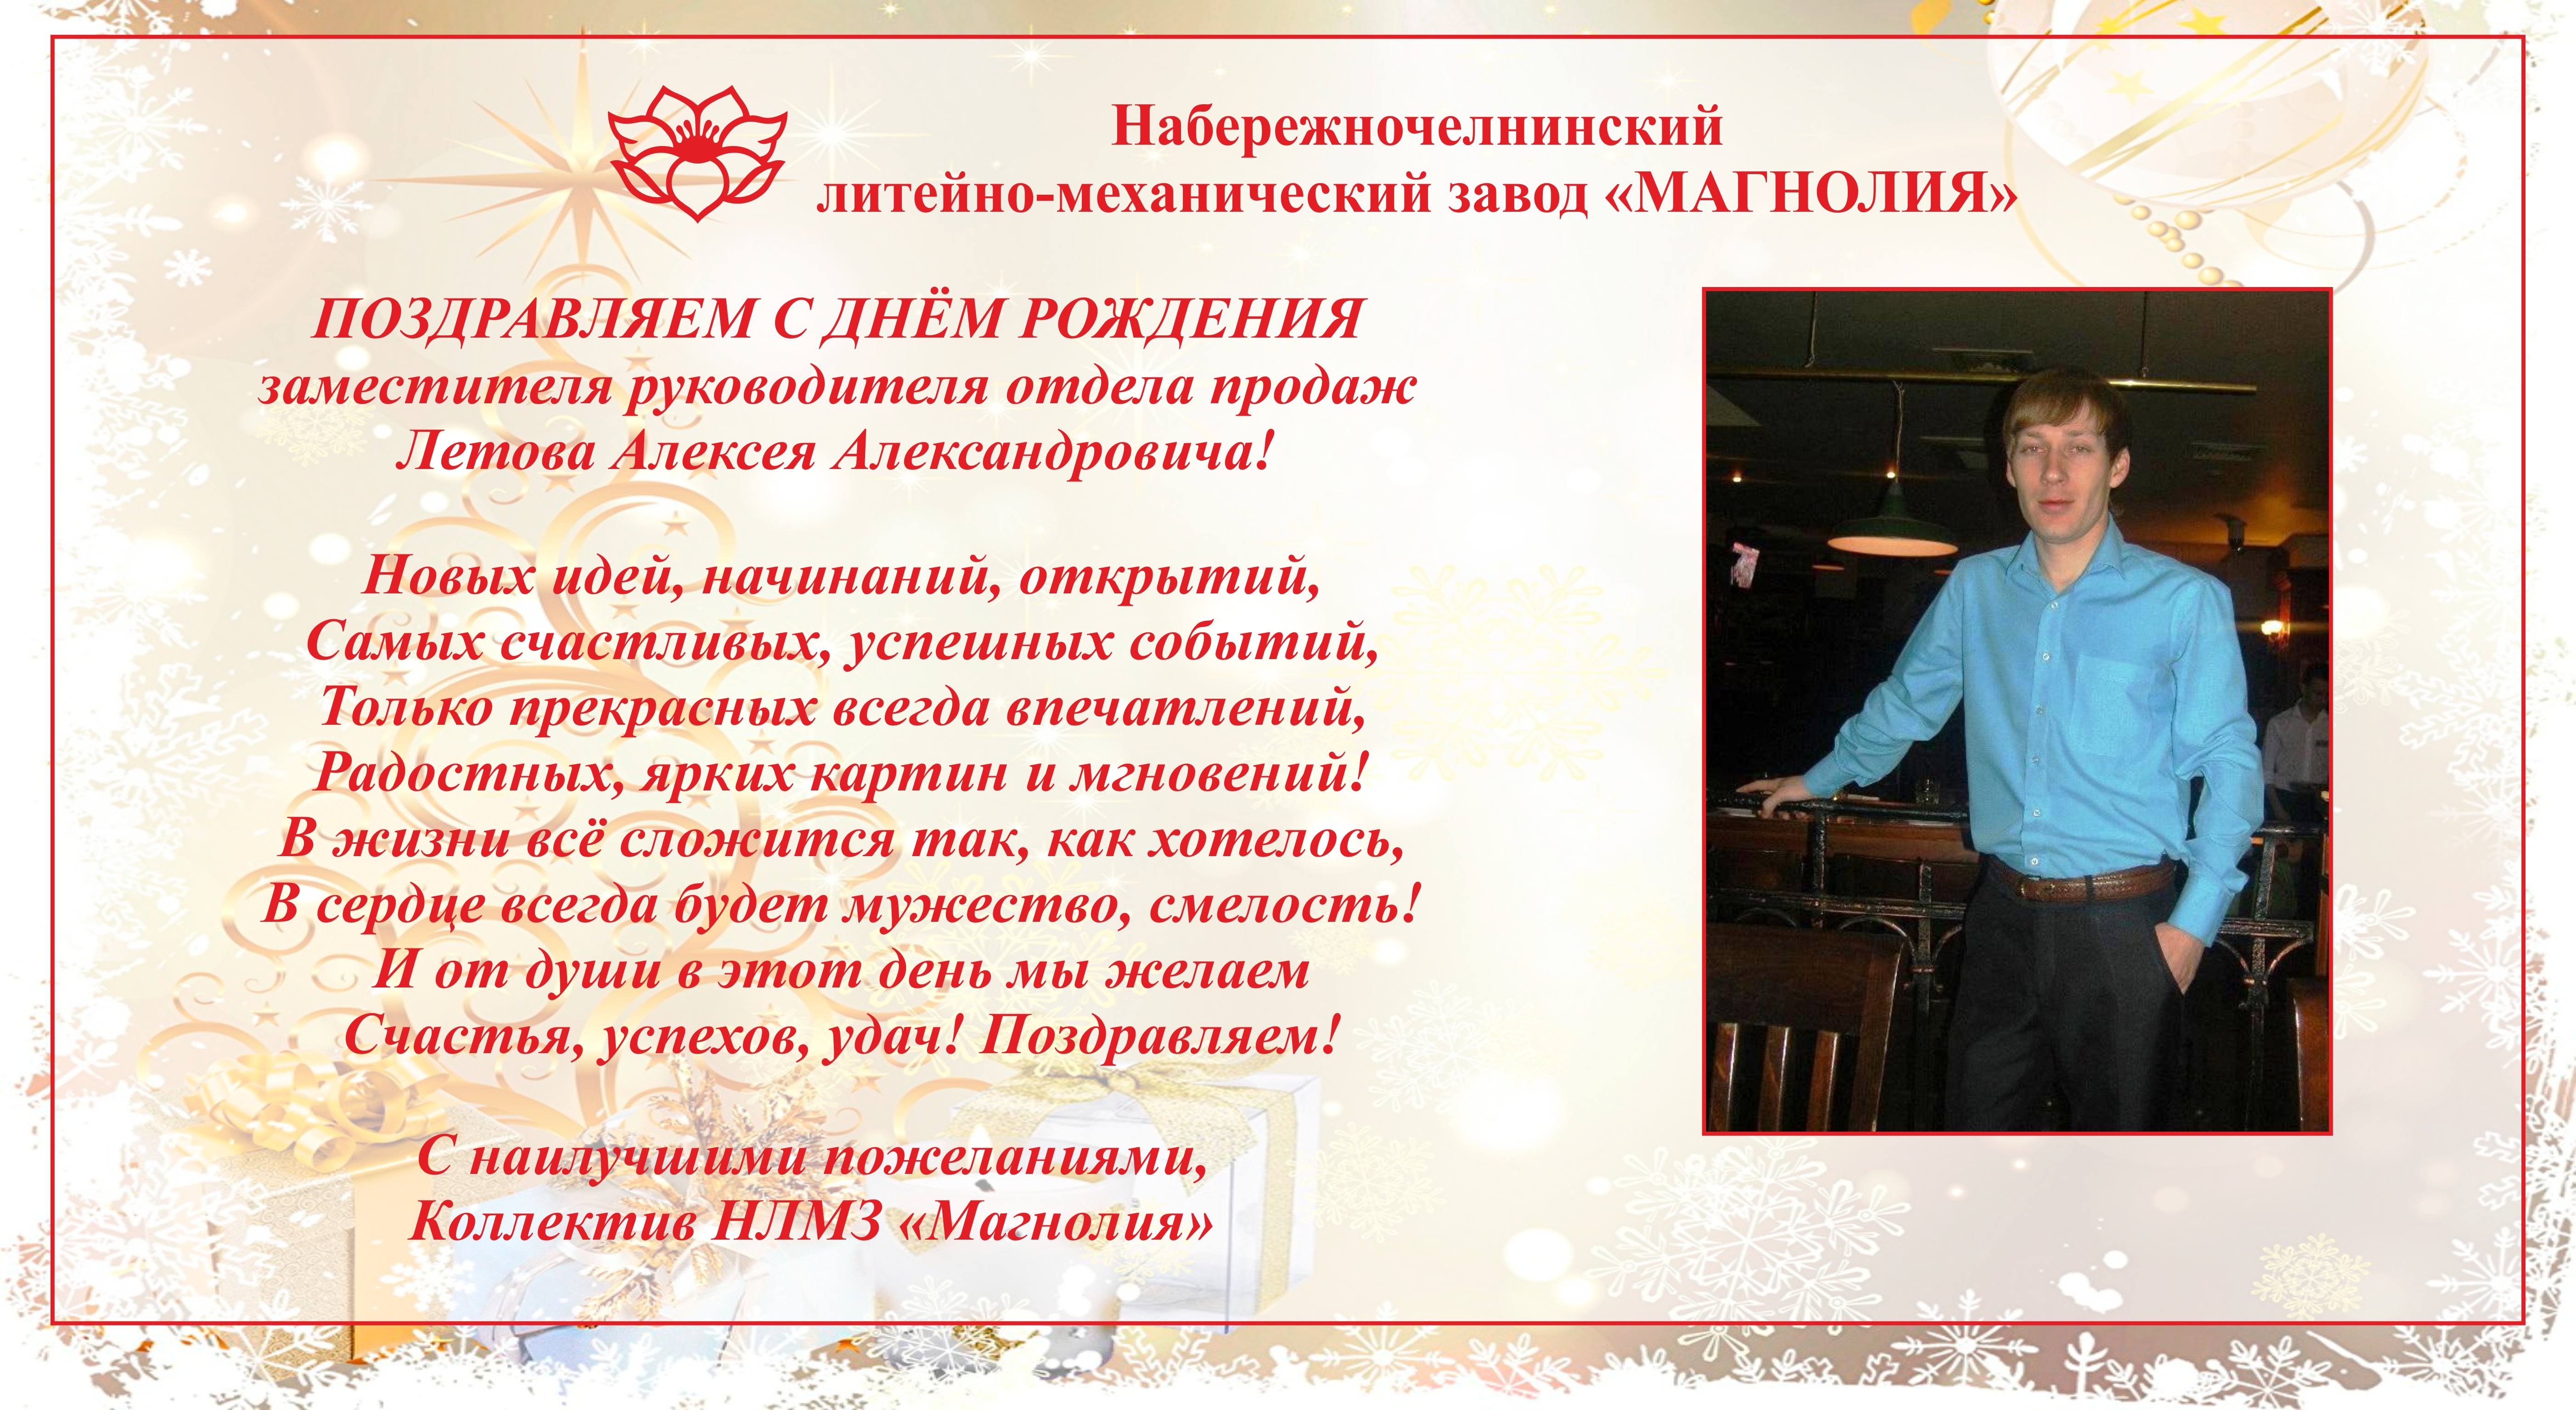 Поздравления отдела с днем рождения 33